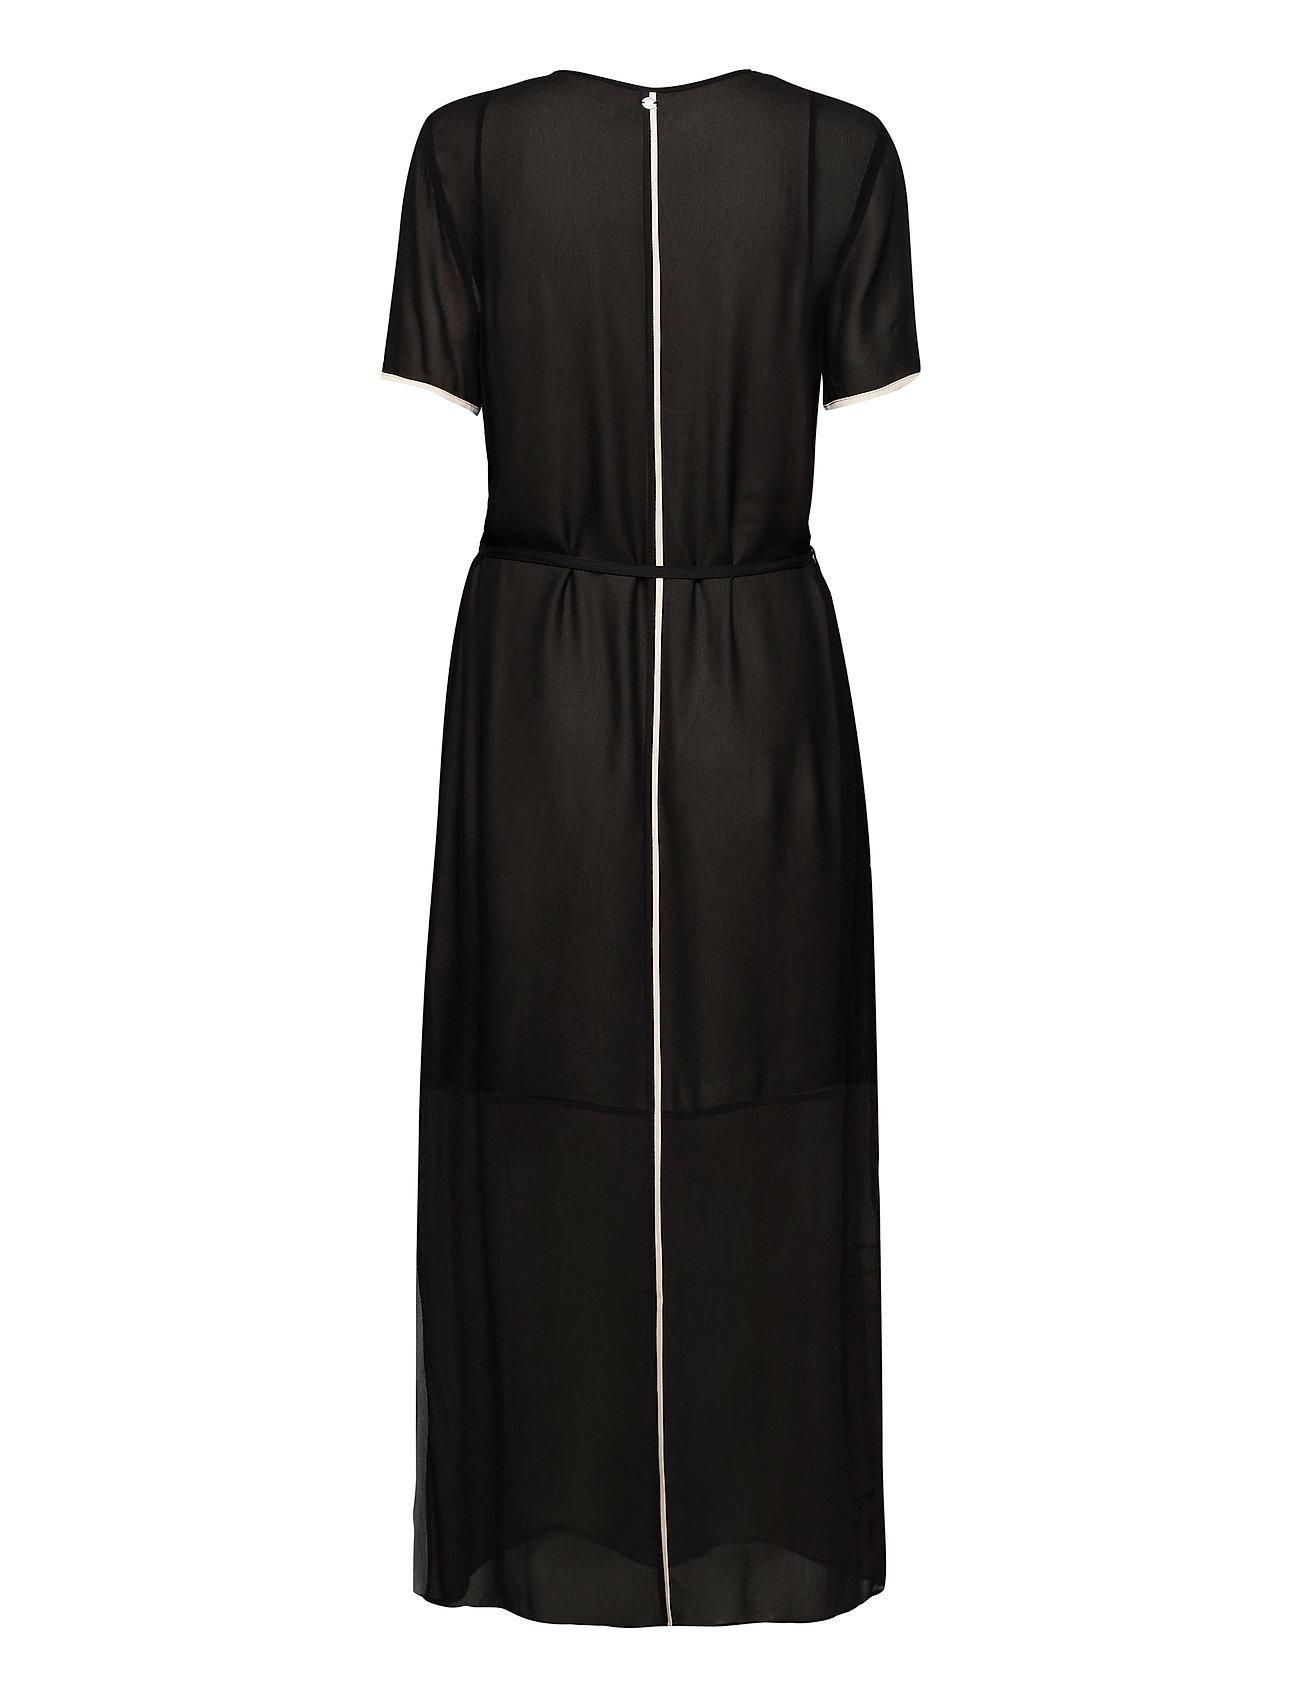 CALVIN KLEIN Kleider | Viscose Georgette Dress Maxikleid Partykleid Schwarz CALVIN KLEIN